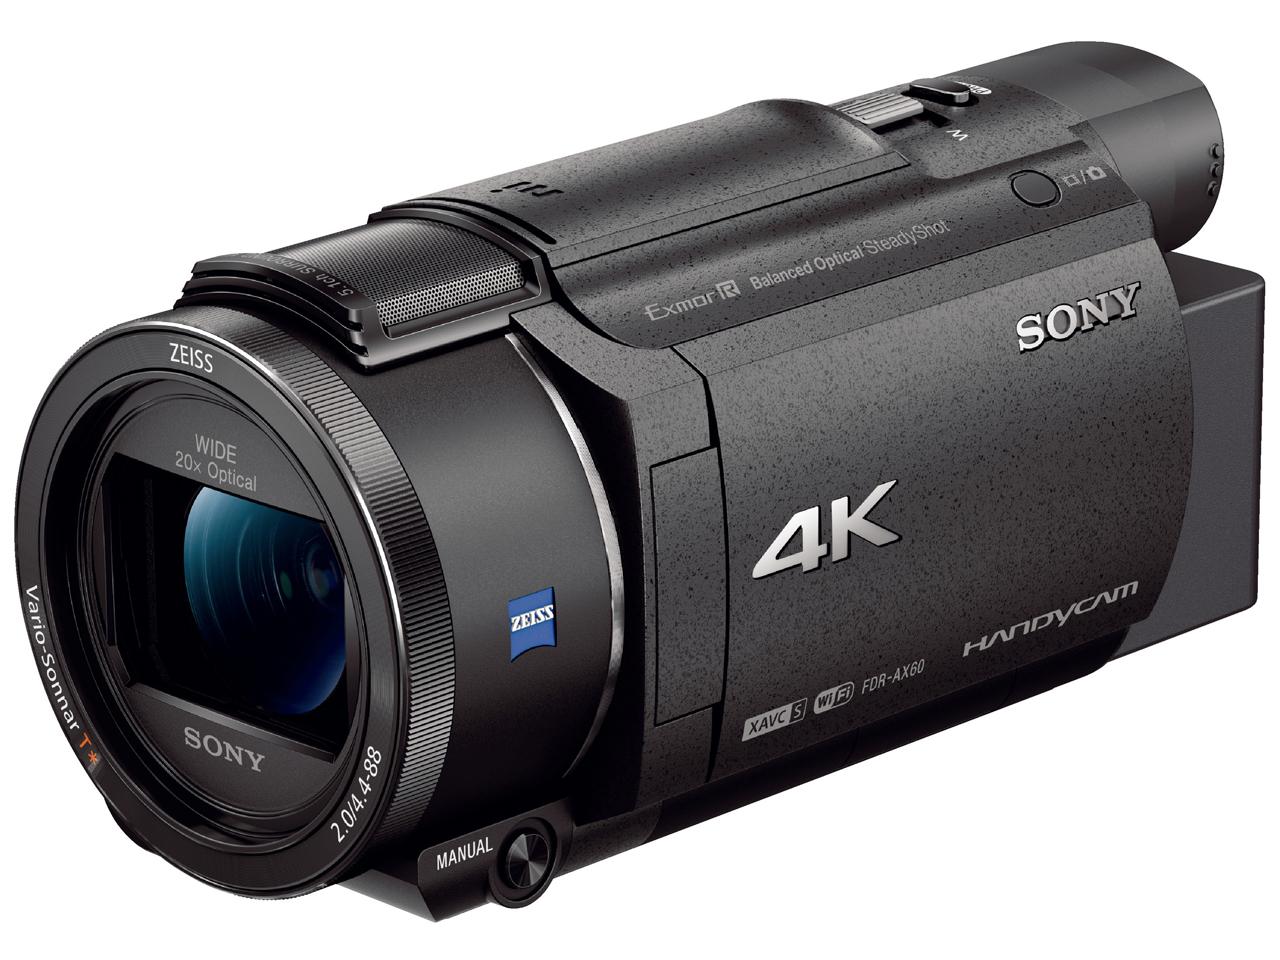 【新品未開封品】SONY デジタルビデオカメラ ハンディカム FDR-AX60